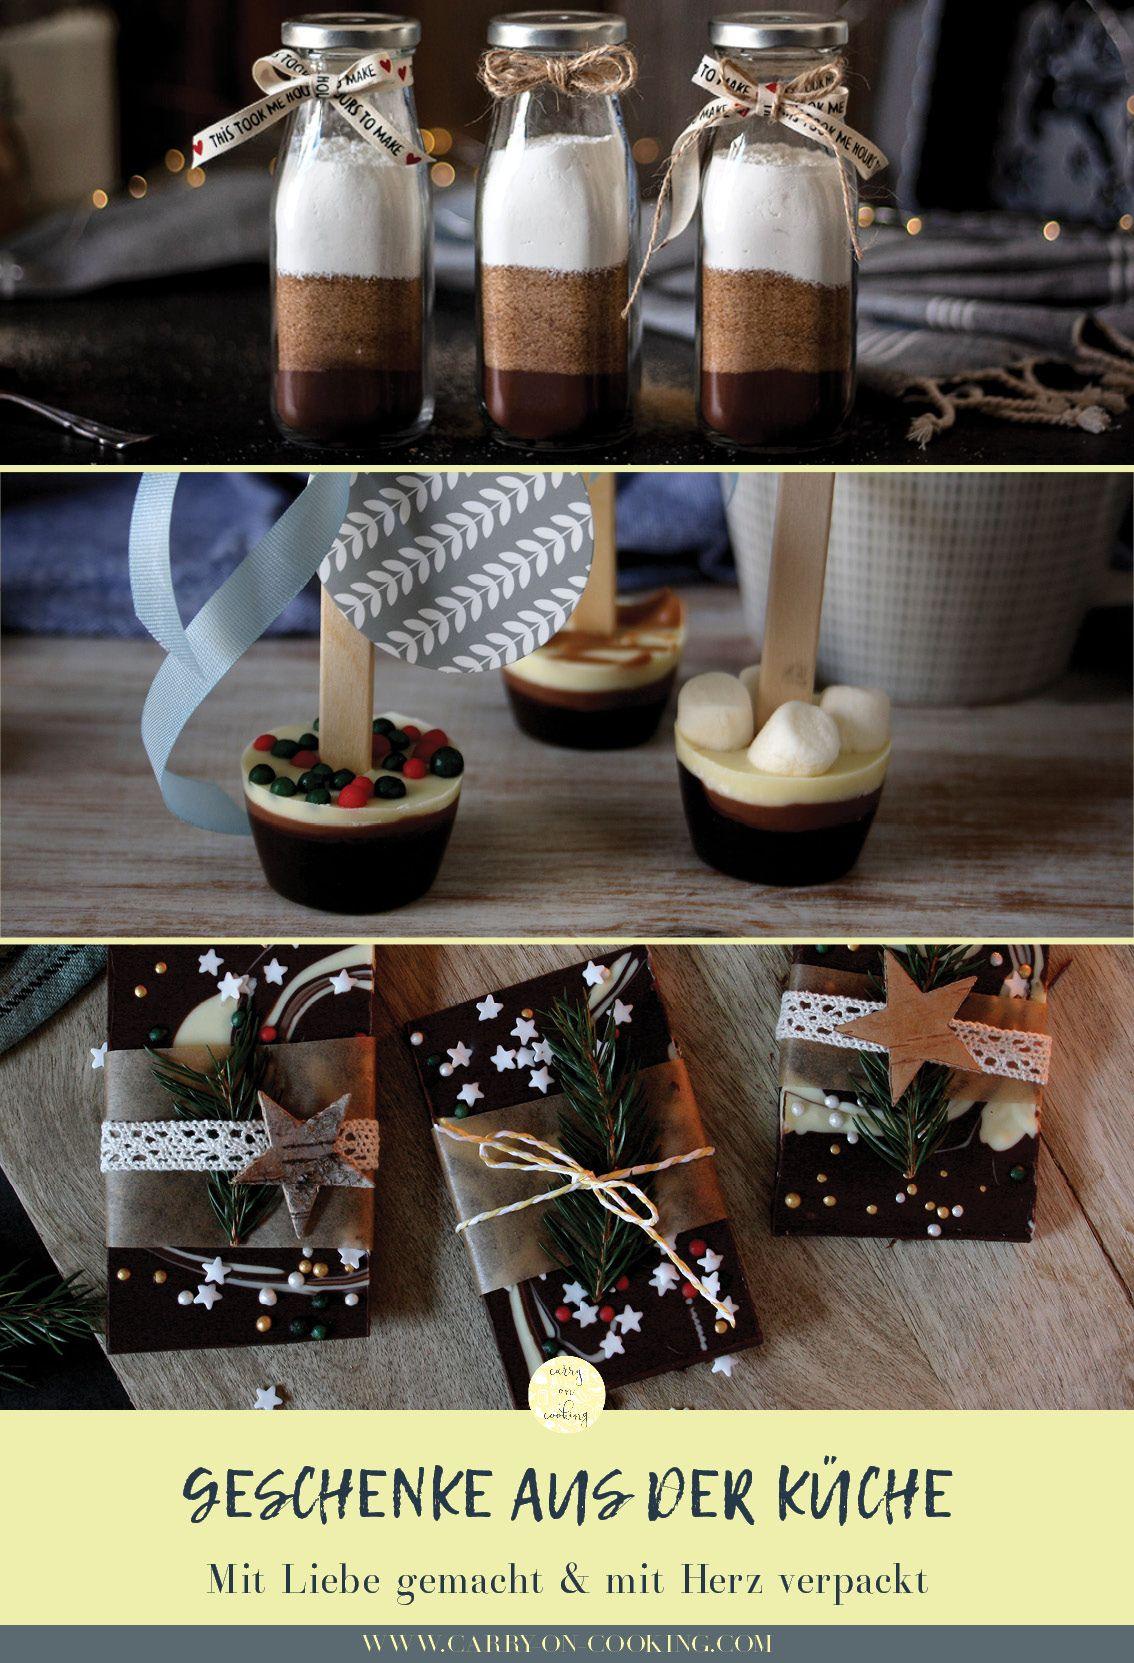 Geschenke aus der Küche - selbstgemacht & mit Liebe verpackt